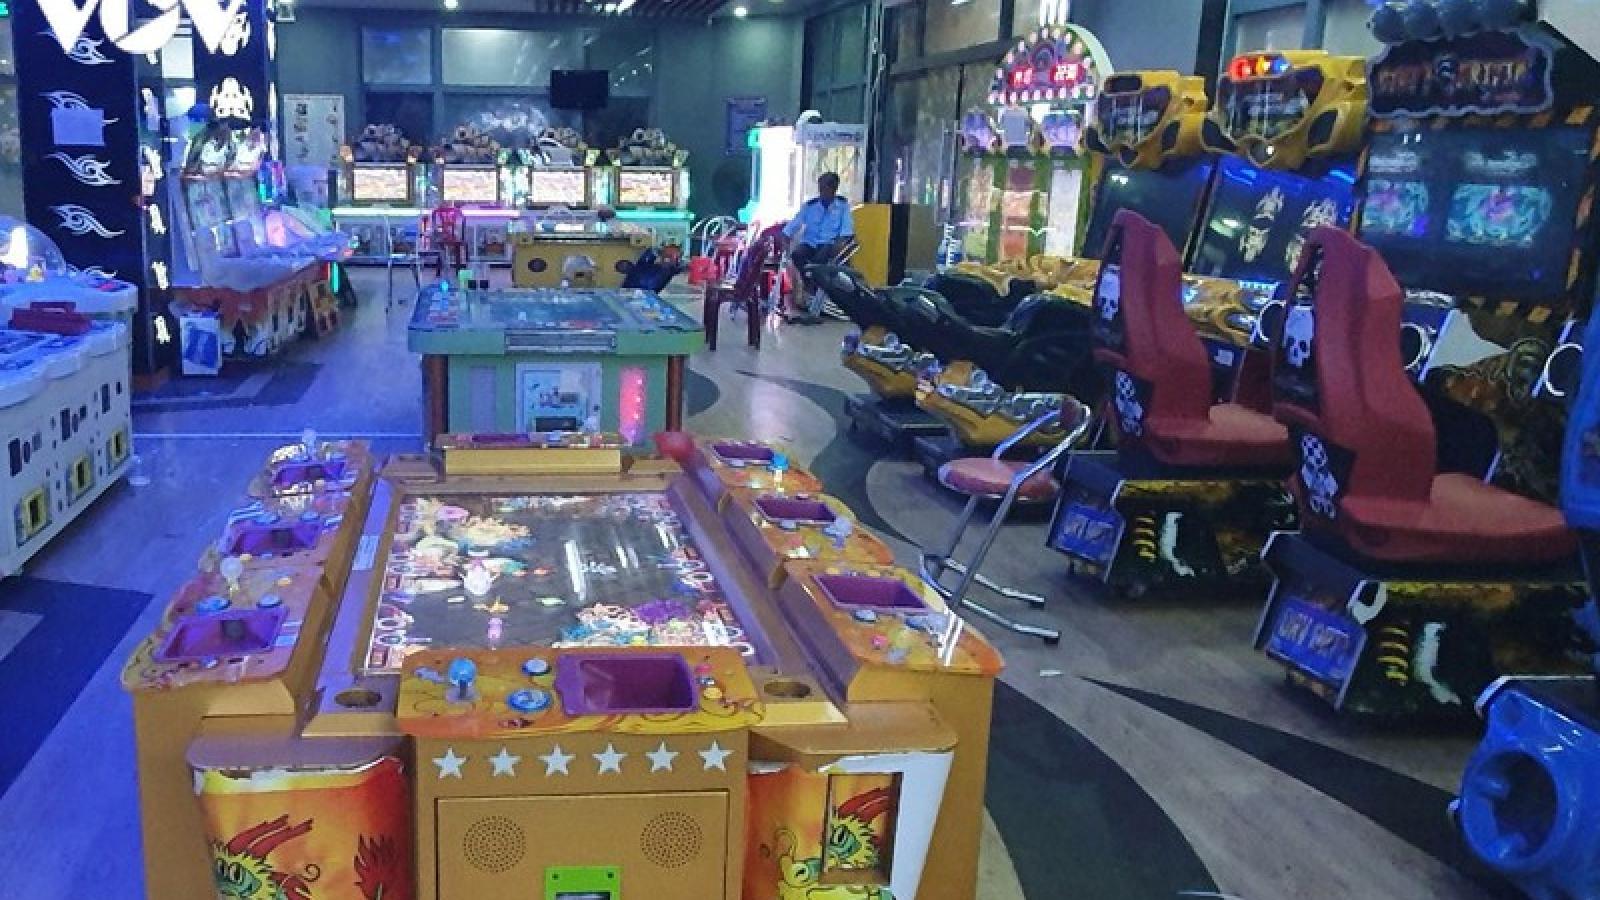 57 người tại tụ điểm cờ bạc núp bóng game điện tử bị tạm giữ